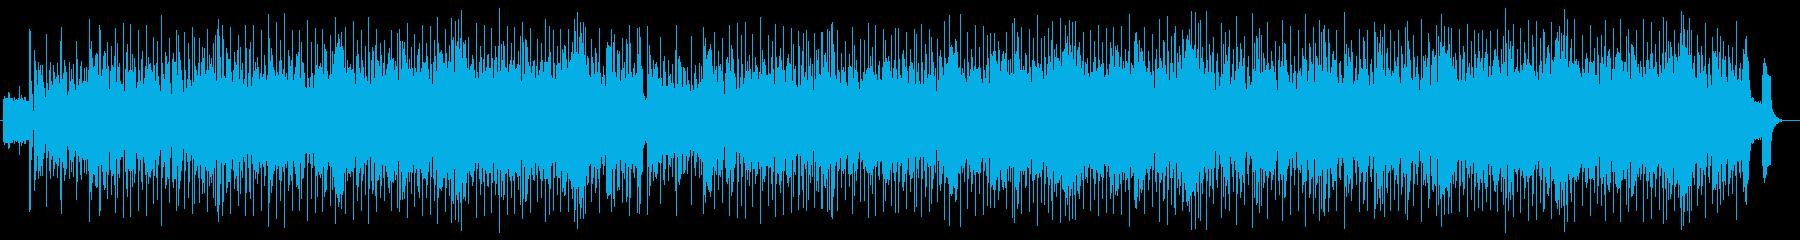 マジックショー風シンセサイザーピアノ曲の再生済みの波形